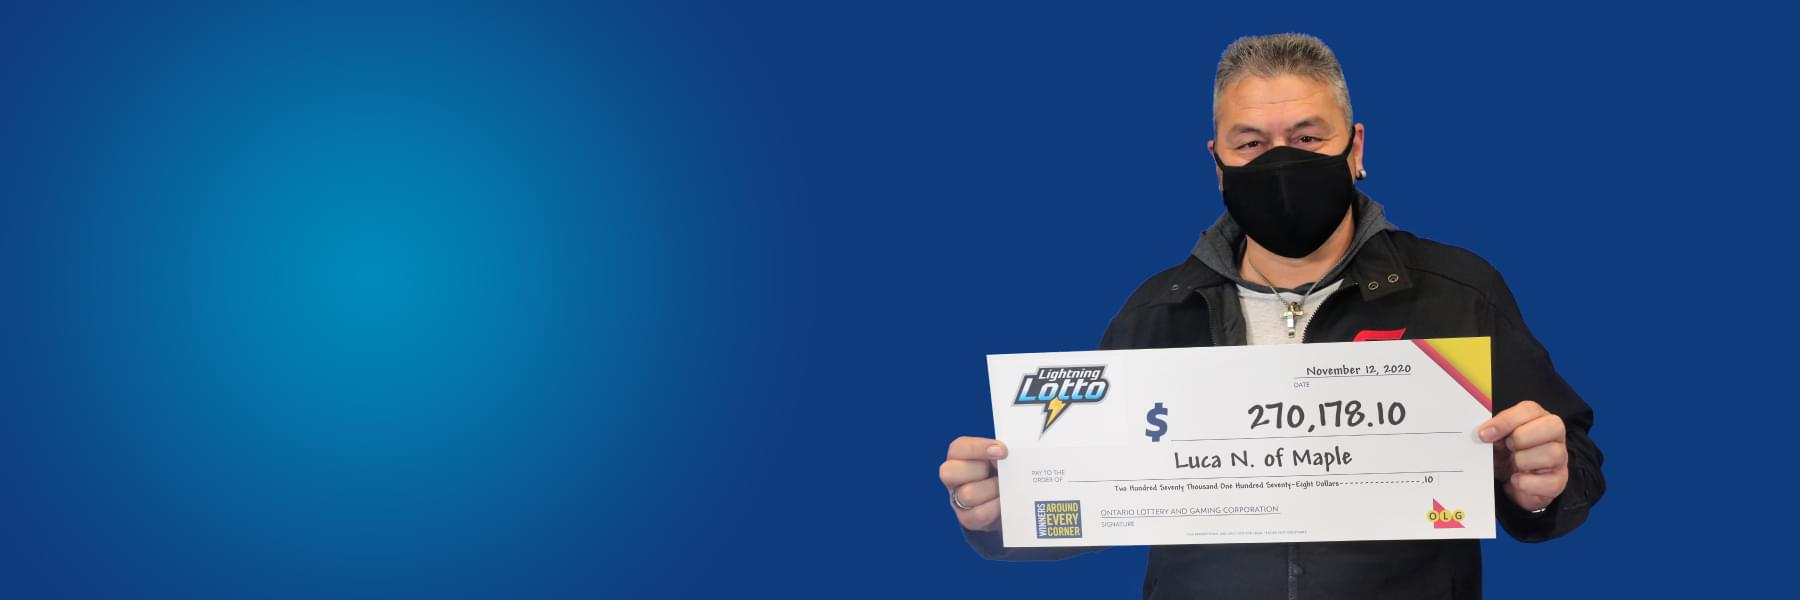 recent lightning lotto winner